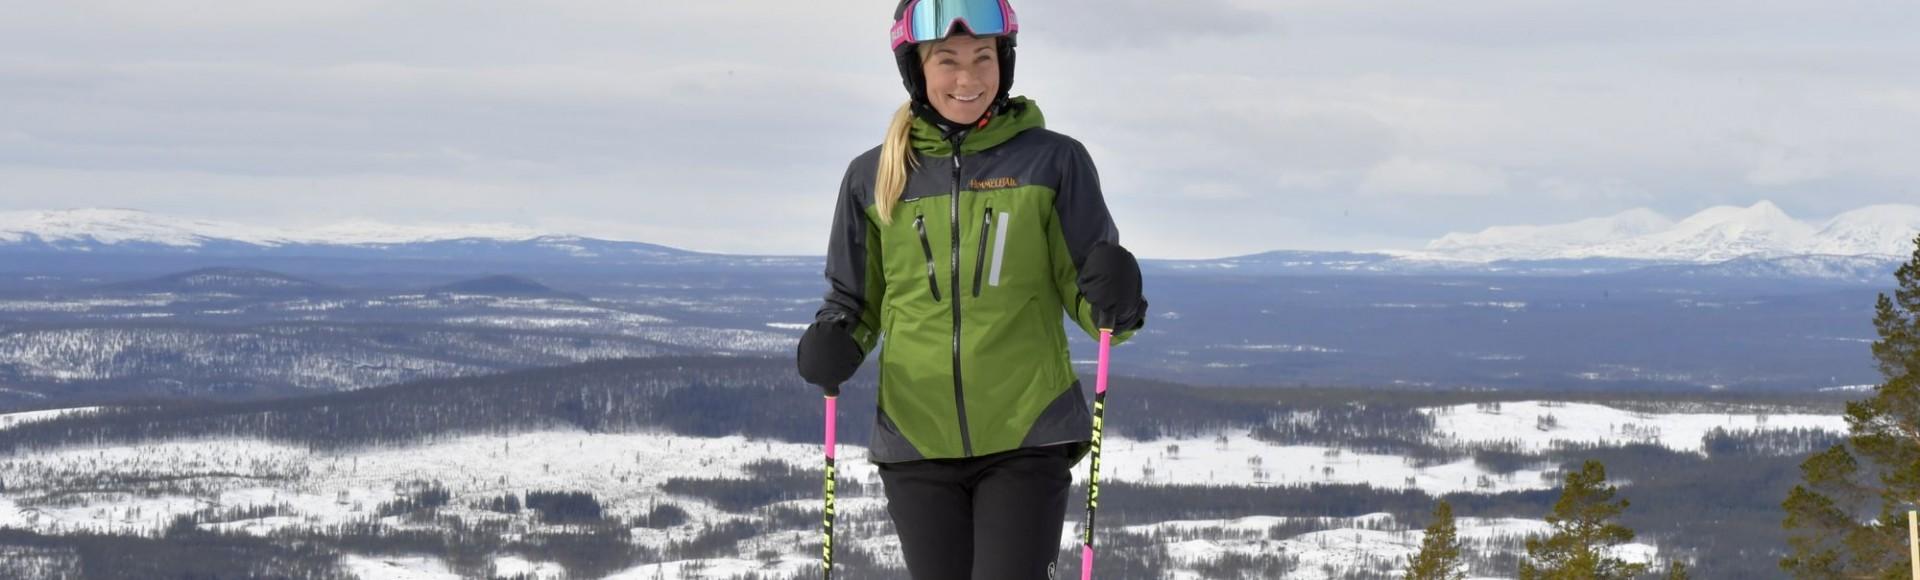 Idre Himmelfjäll es la nueva estación de esquí en Suecia